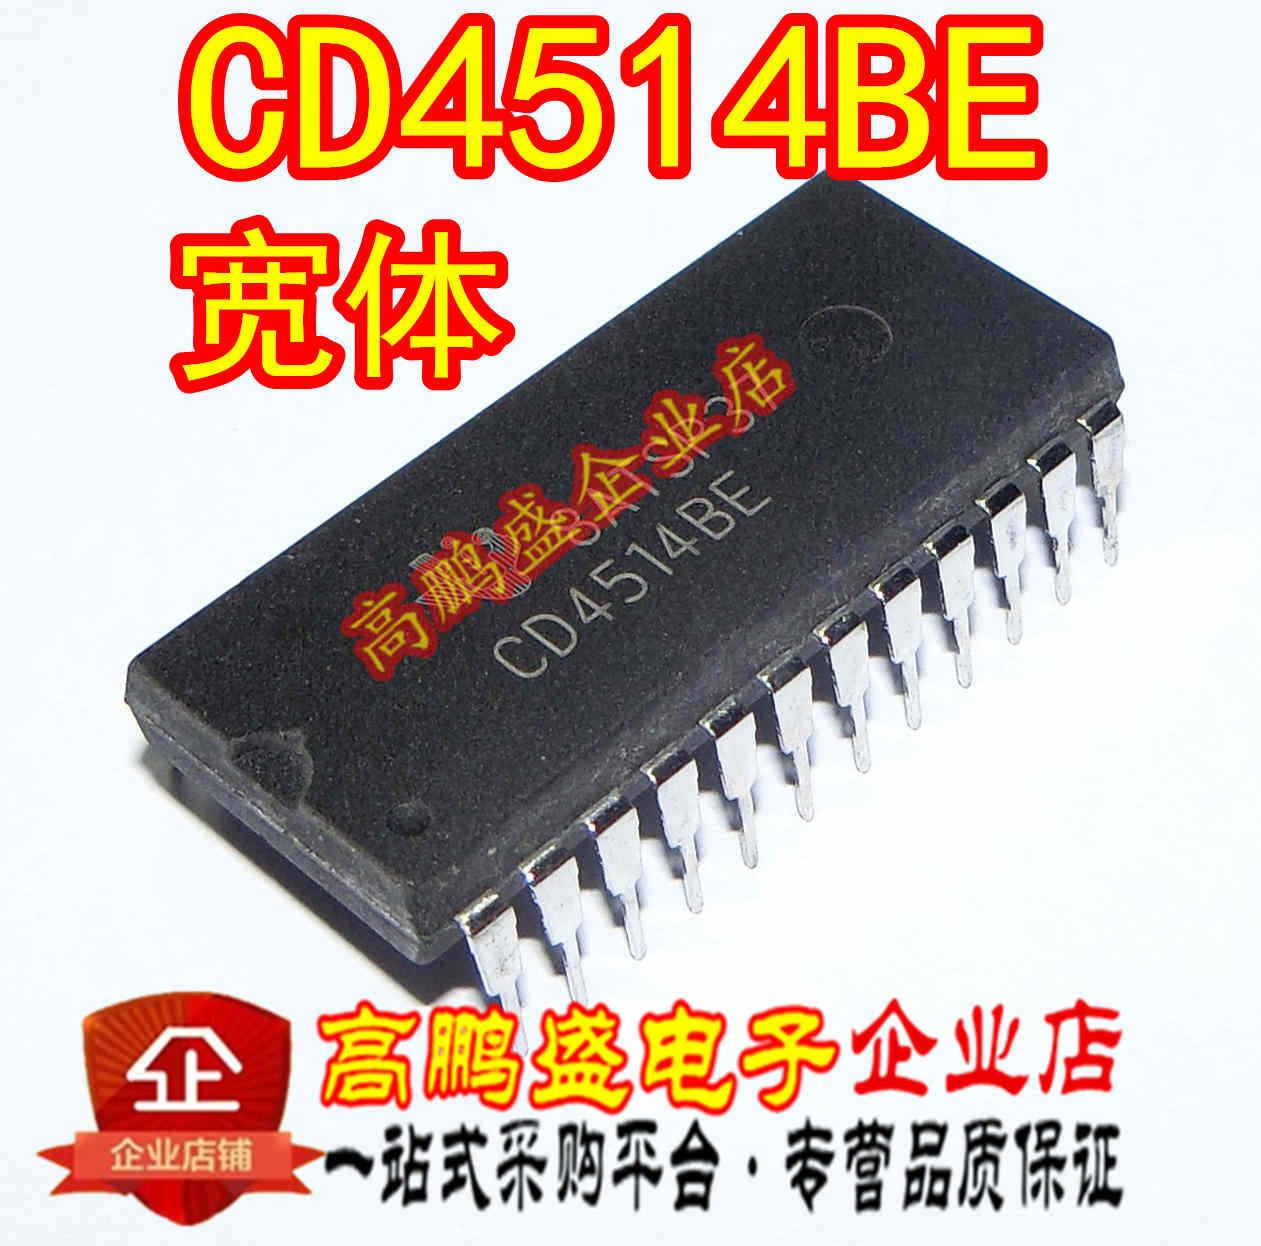 PIC16F73-I/SP CD40194BE W78E516DDG DS8921N DS8921AN CD4514BE PCF8591P SN74LS181N ML4821CP ATTINY2313V-10PU L293B